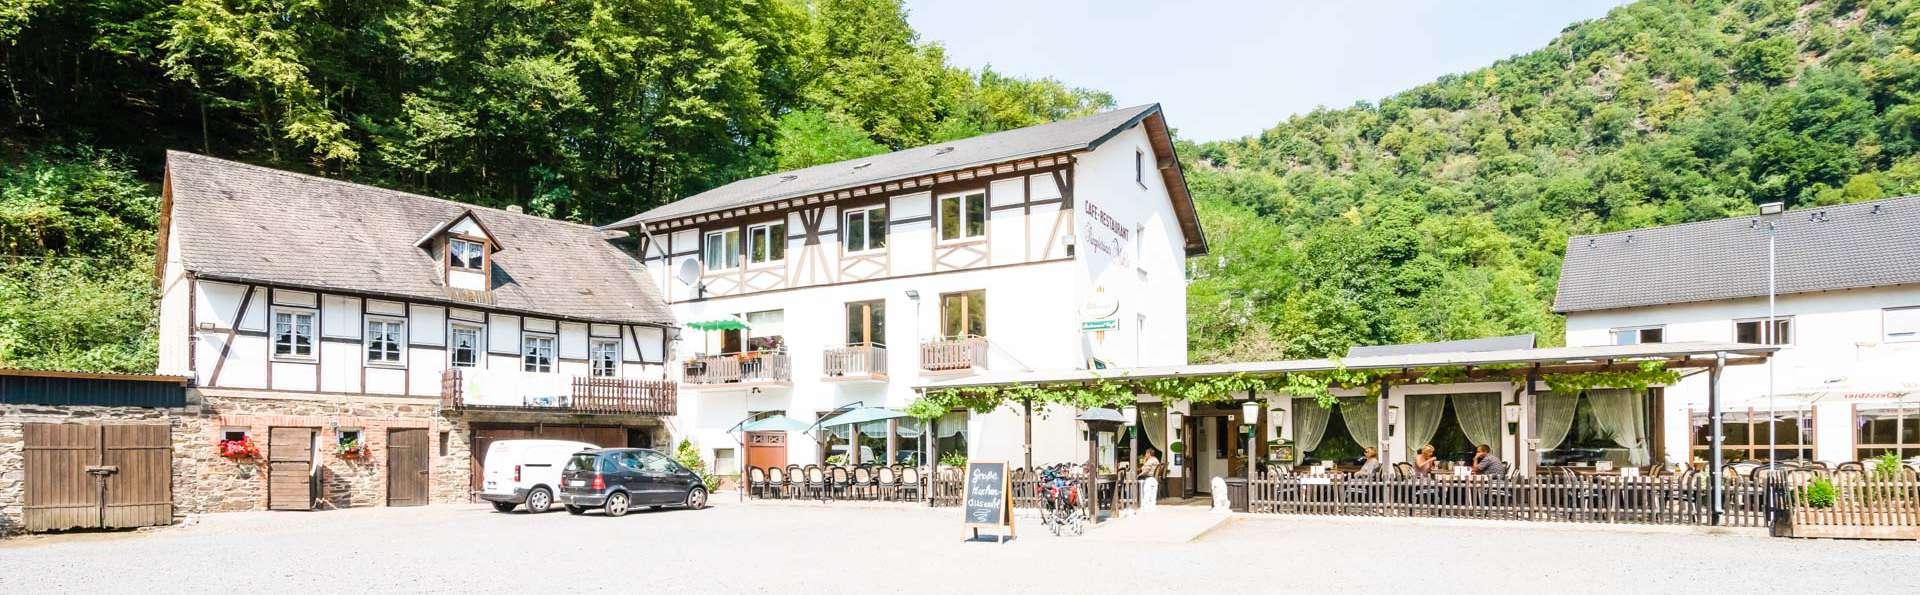 Landhotel Ringelsteiner Mühle  - EDIT_FRONT.jpg